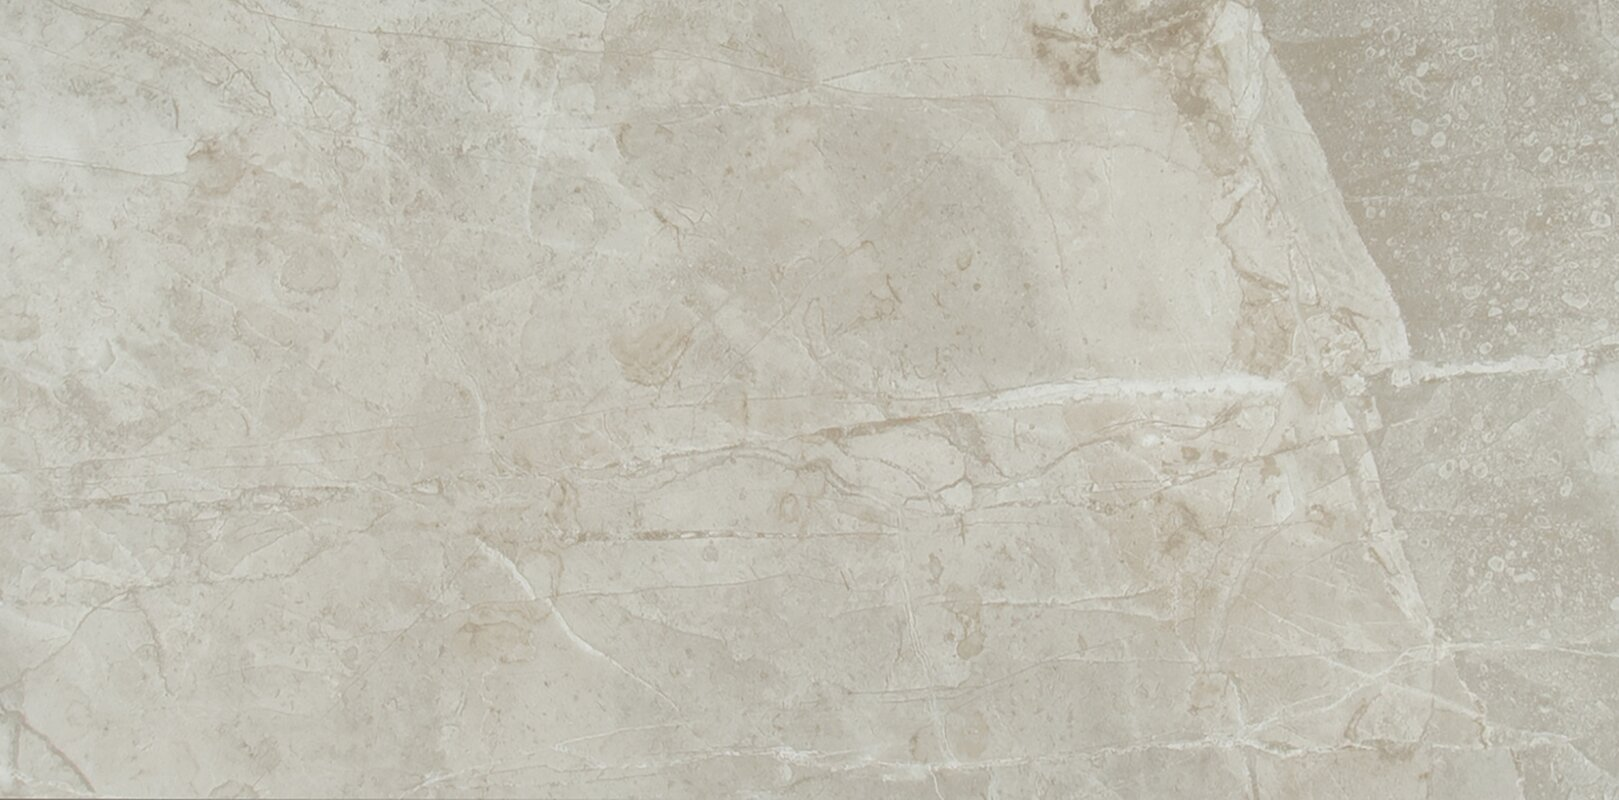 Msi Vision 12 X 24 Ceramic Field Tile In Glacier Reviews Wayfair